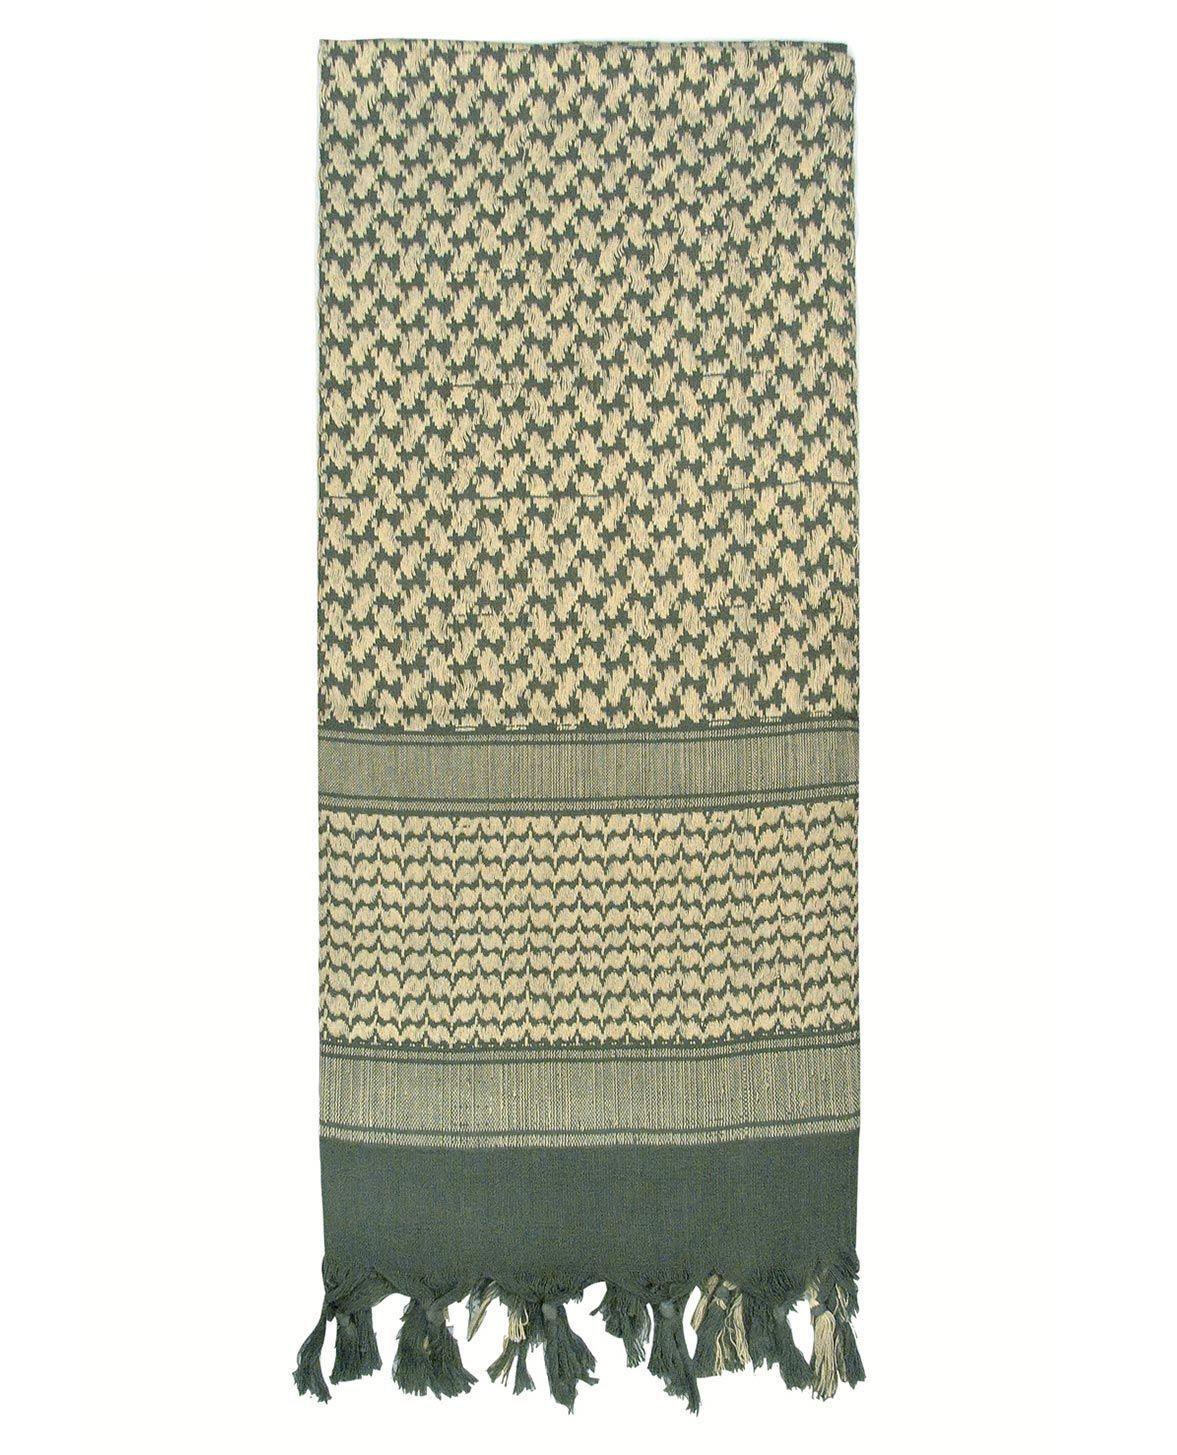 Image of   Rothco Taktisk Tørklæde, Letvægt (Blad Grøn, One Size)